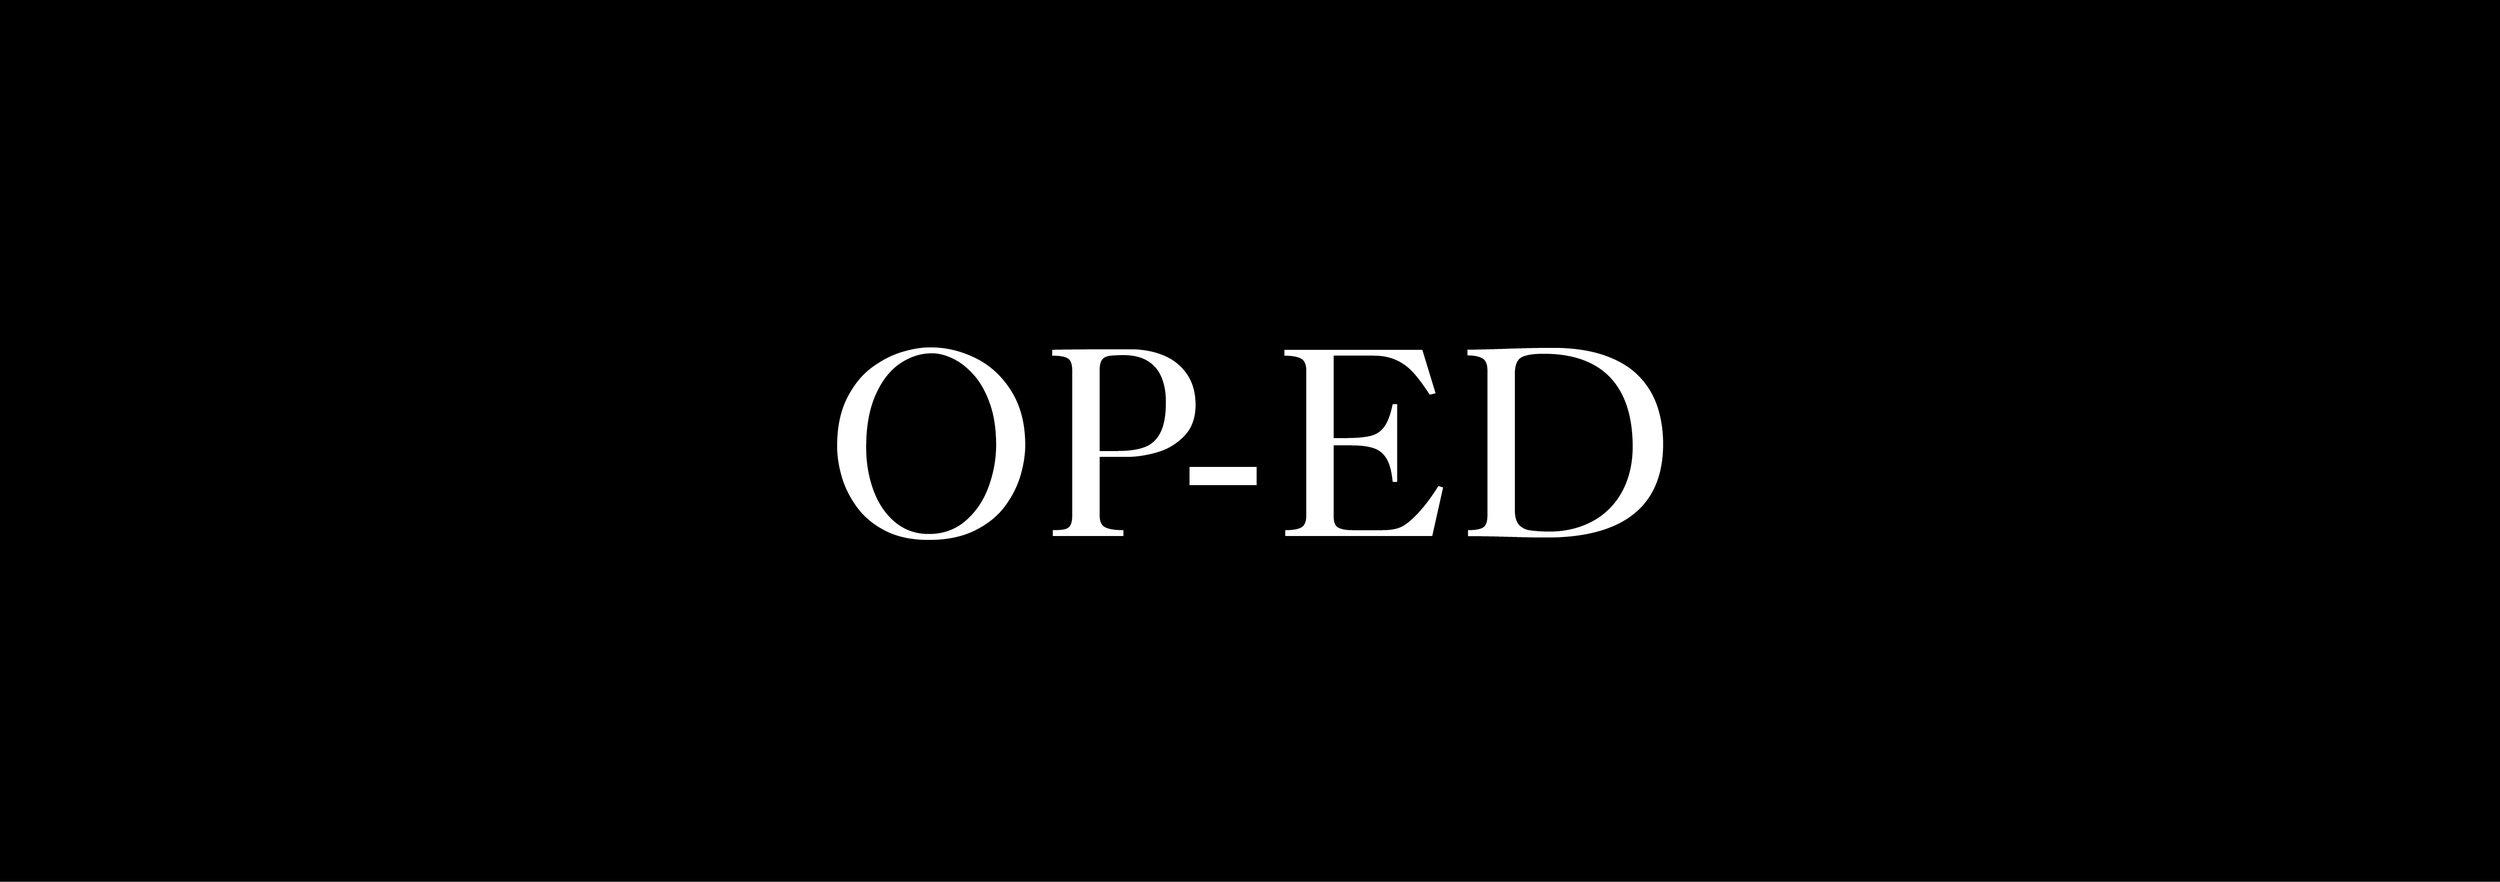 OP-ED banner.jpg